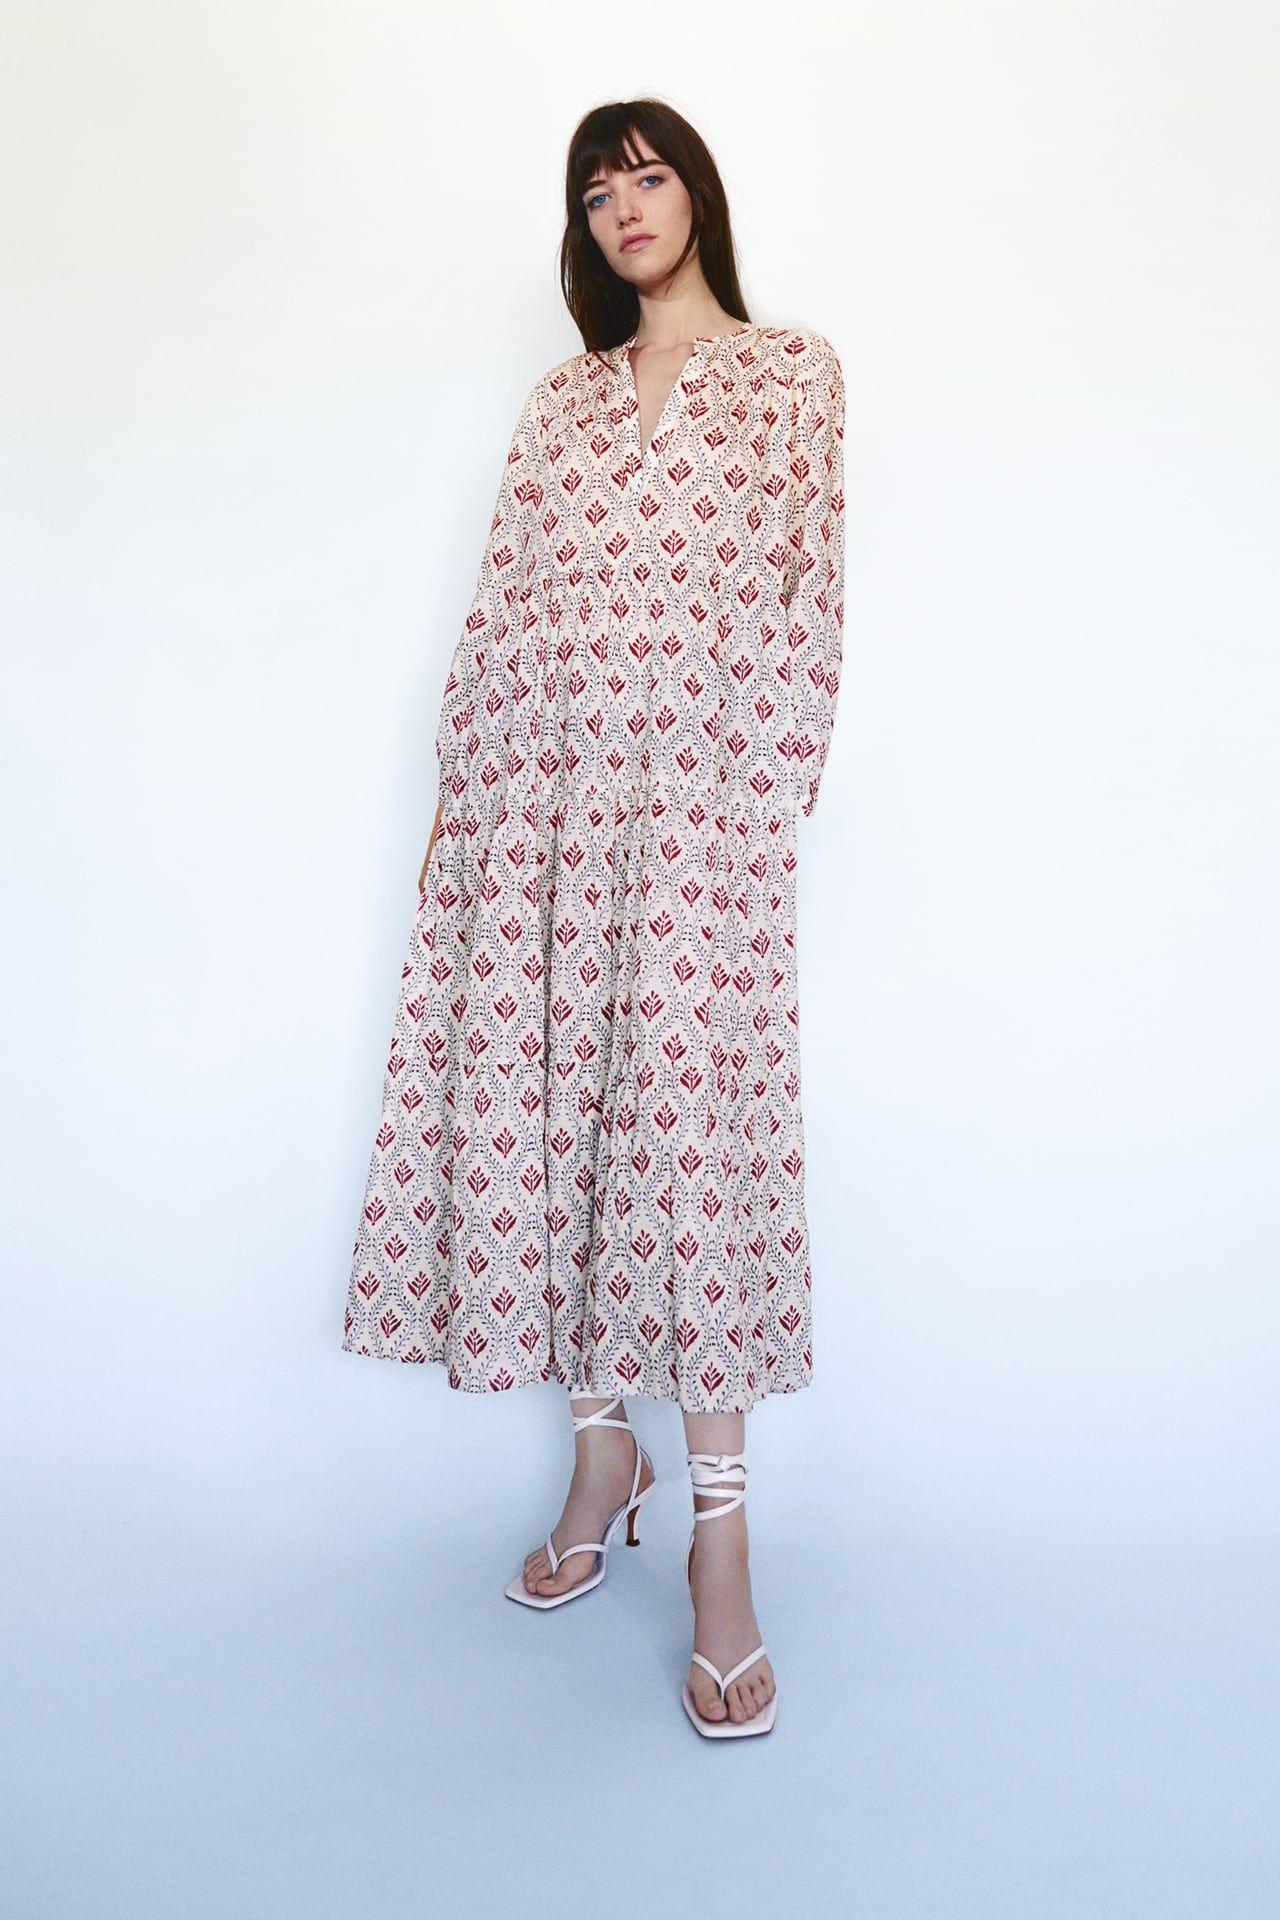 voluminous printed dress | zara united states | ドレス